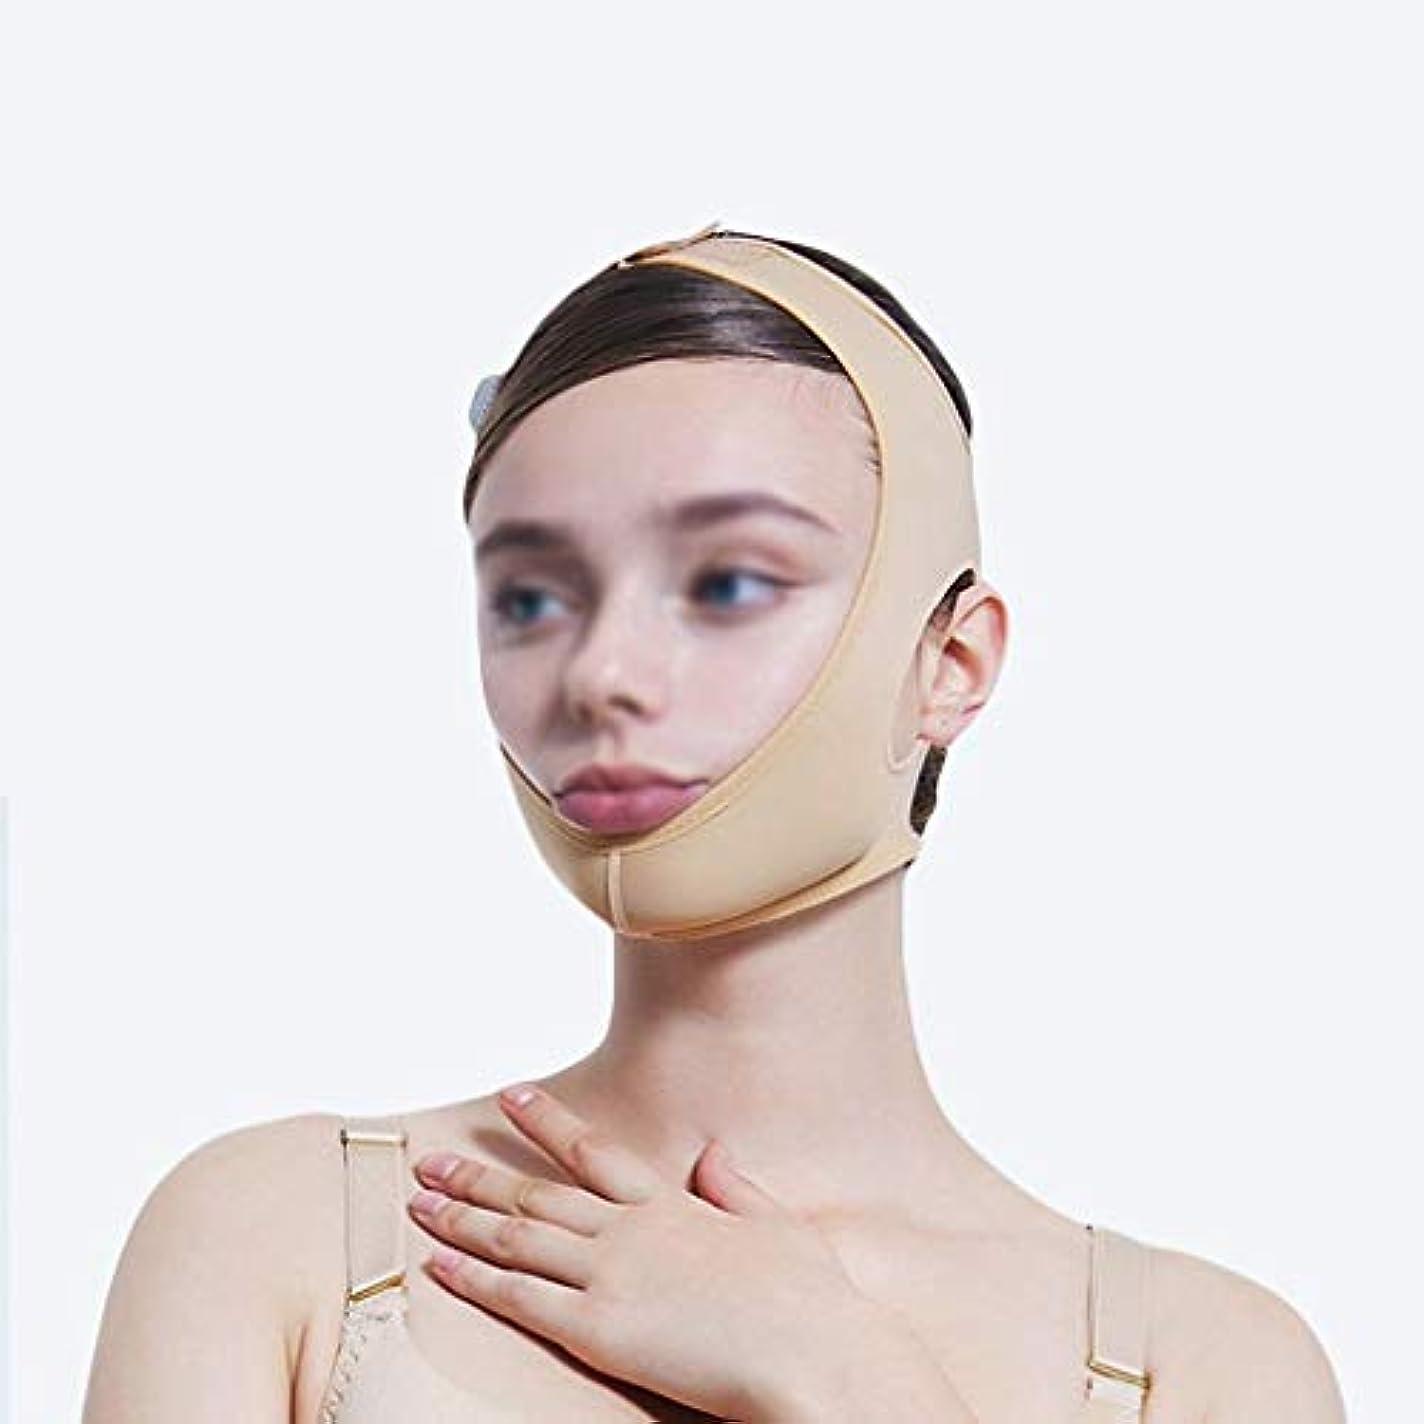 卵暴露する負フェイシャルライン、頬、しわ防止フェイシャル減量、フェイスバンド、フェイスマスク、フェイスリフティング、通気性、ダブルチンストラップ(サイズ:XXL),XS